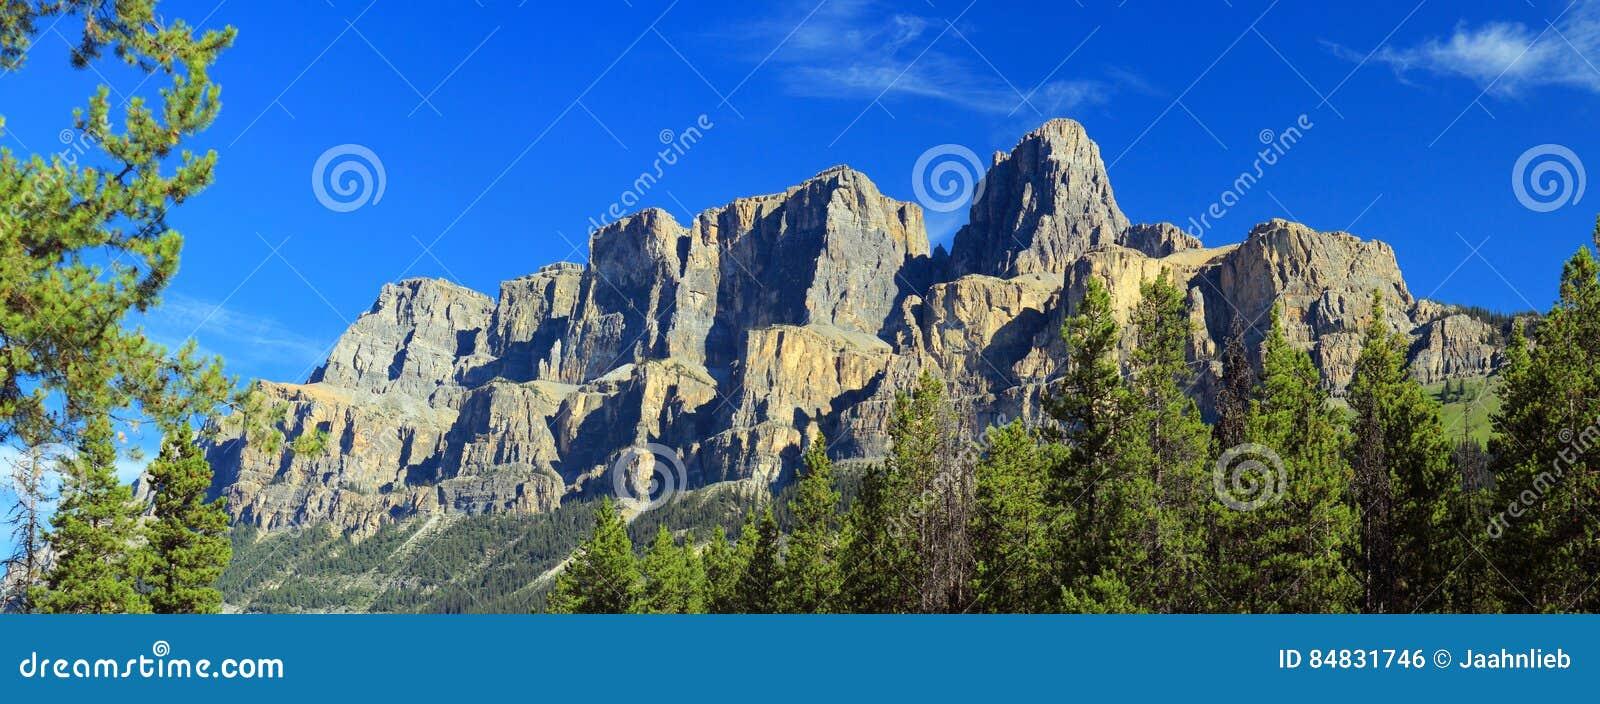 Гора замка от соединения замка, национального парка Banff, Альберты